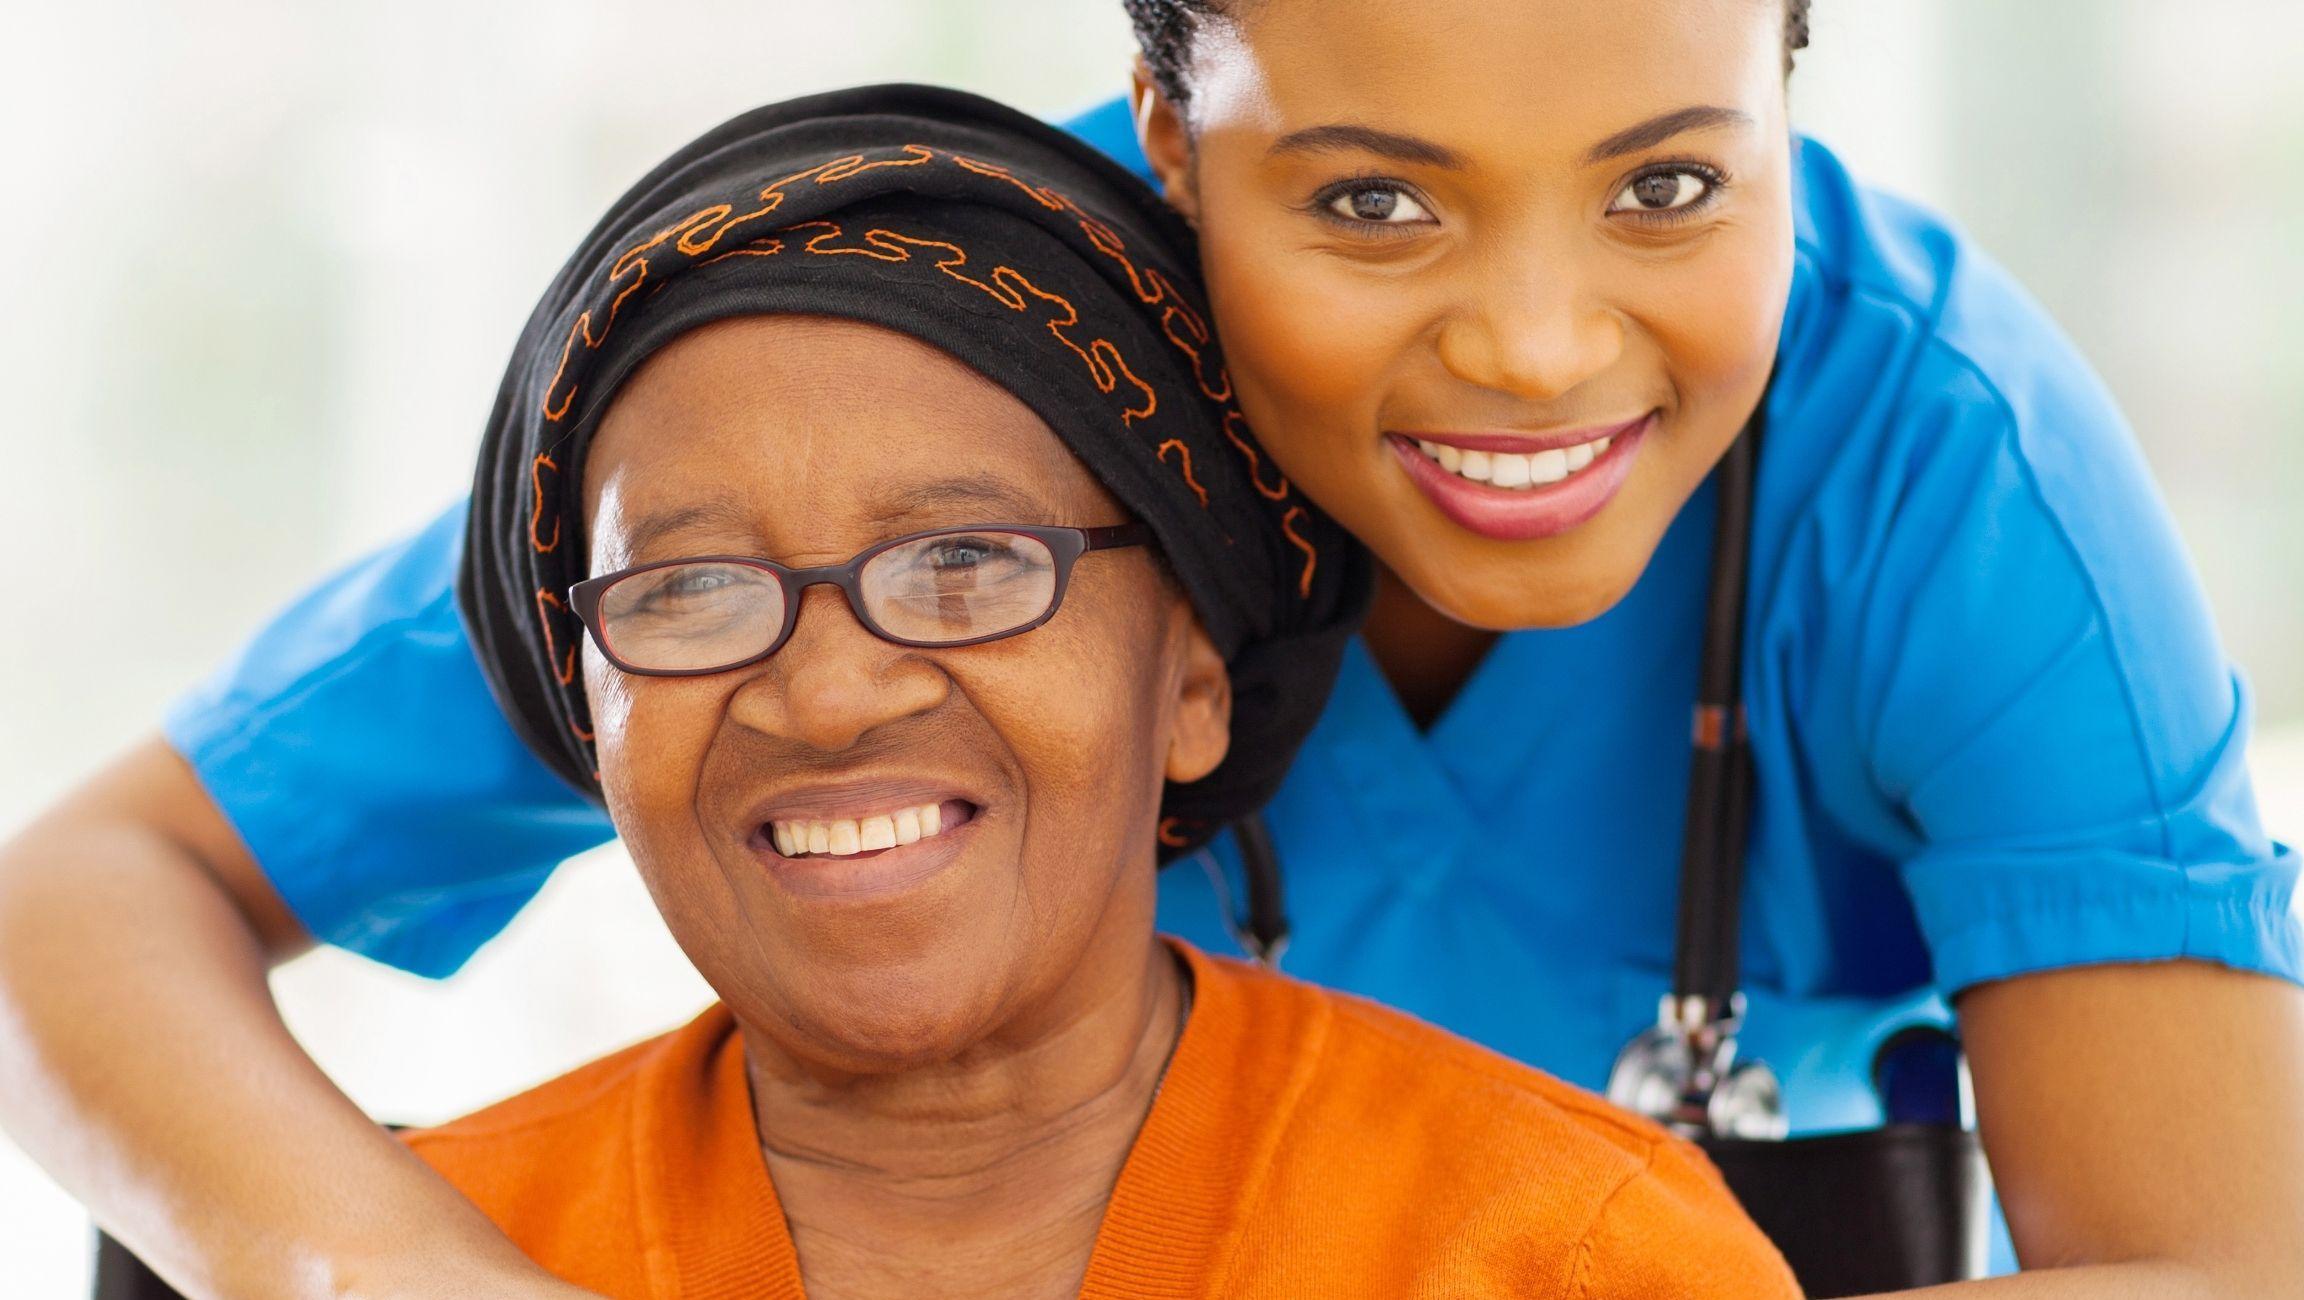 Reduce Caregiver Stress